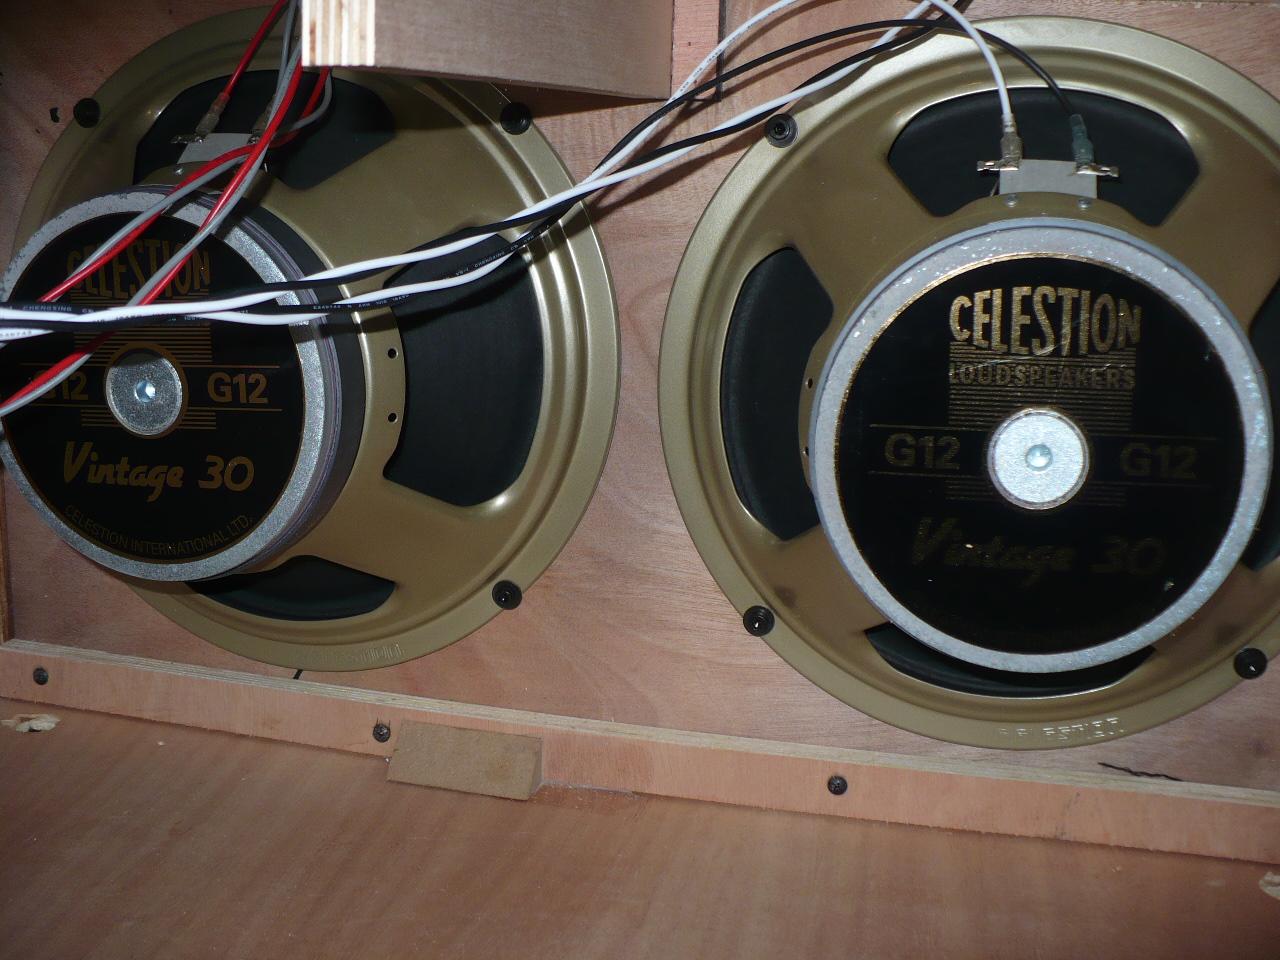 celestion vintage 30 8 ohms image 1675151 audiofanzine. Black Bedroom Furniture Sets. Home Design Ideas